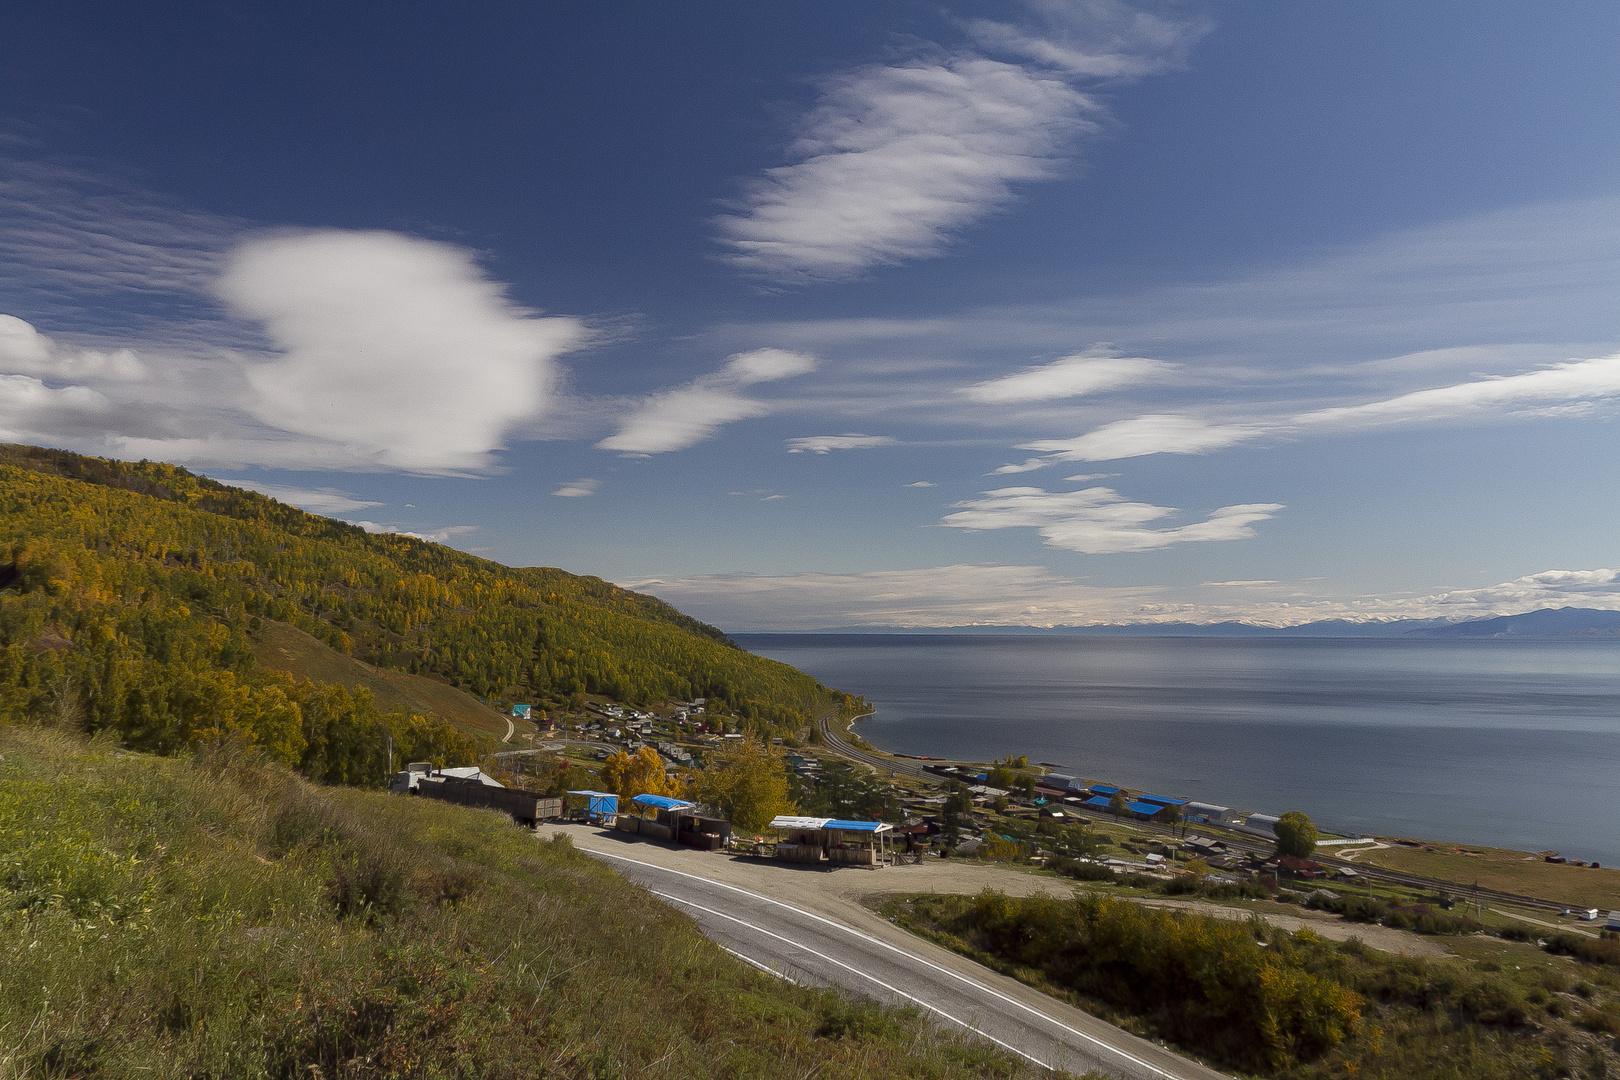 Baikal / Kultuk